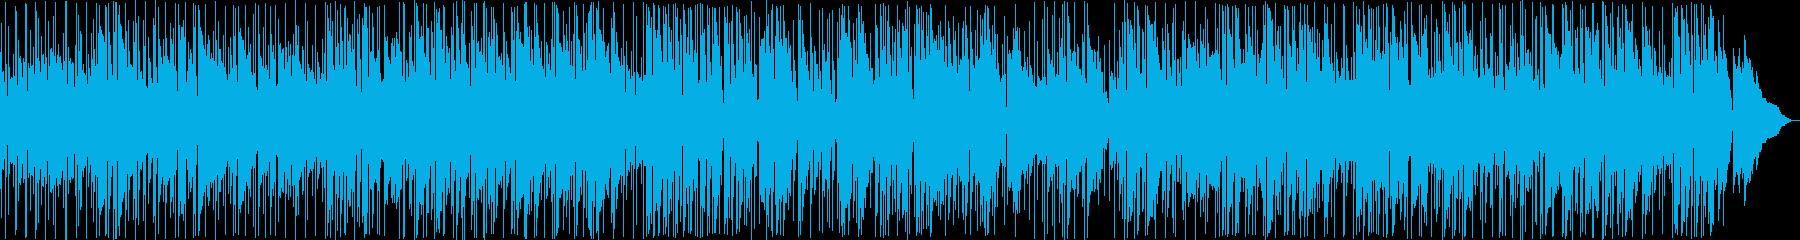 くつろげるギターのイージーリスニングの再生済みの波形